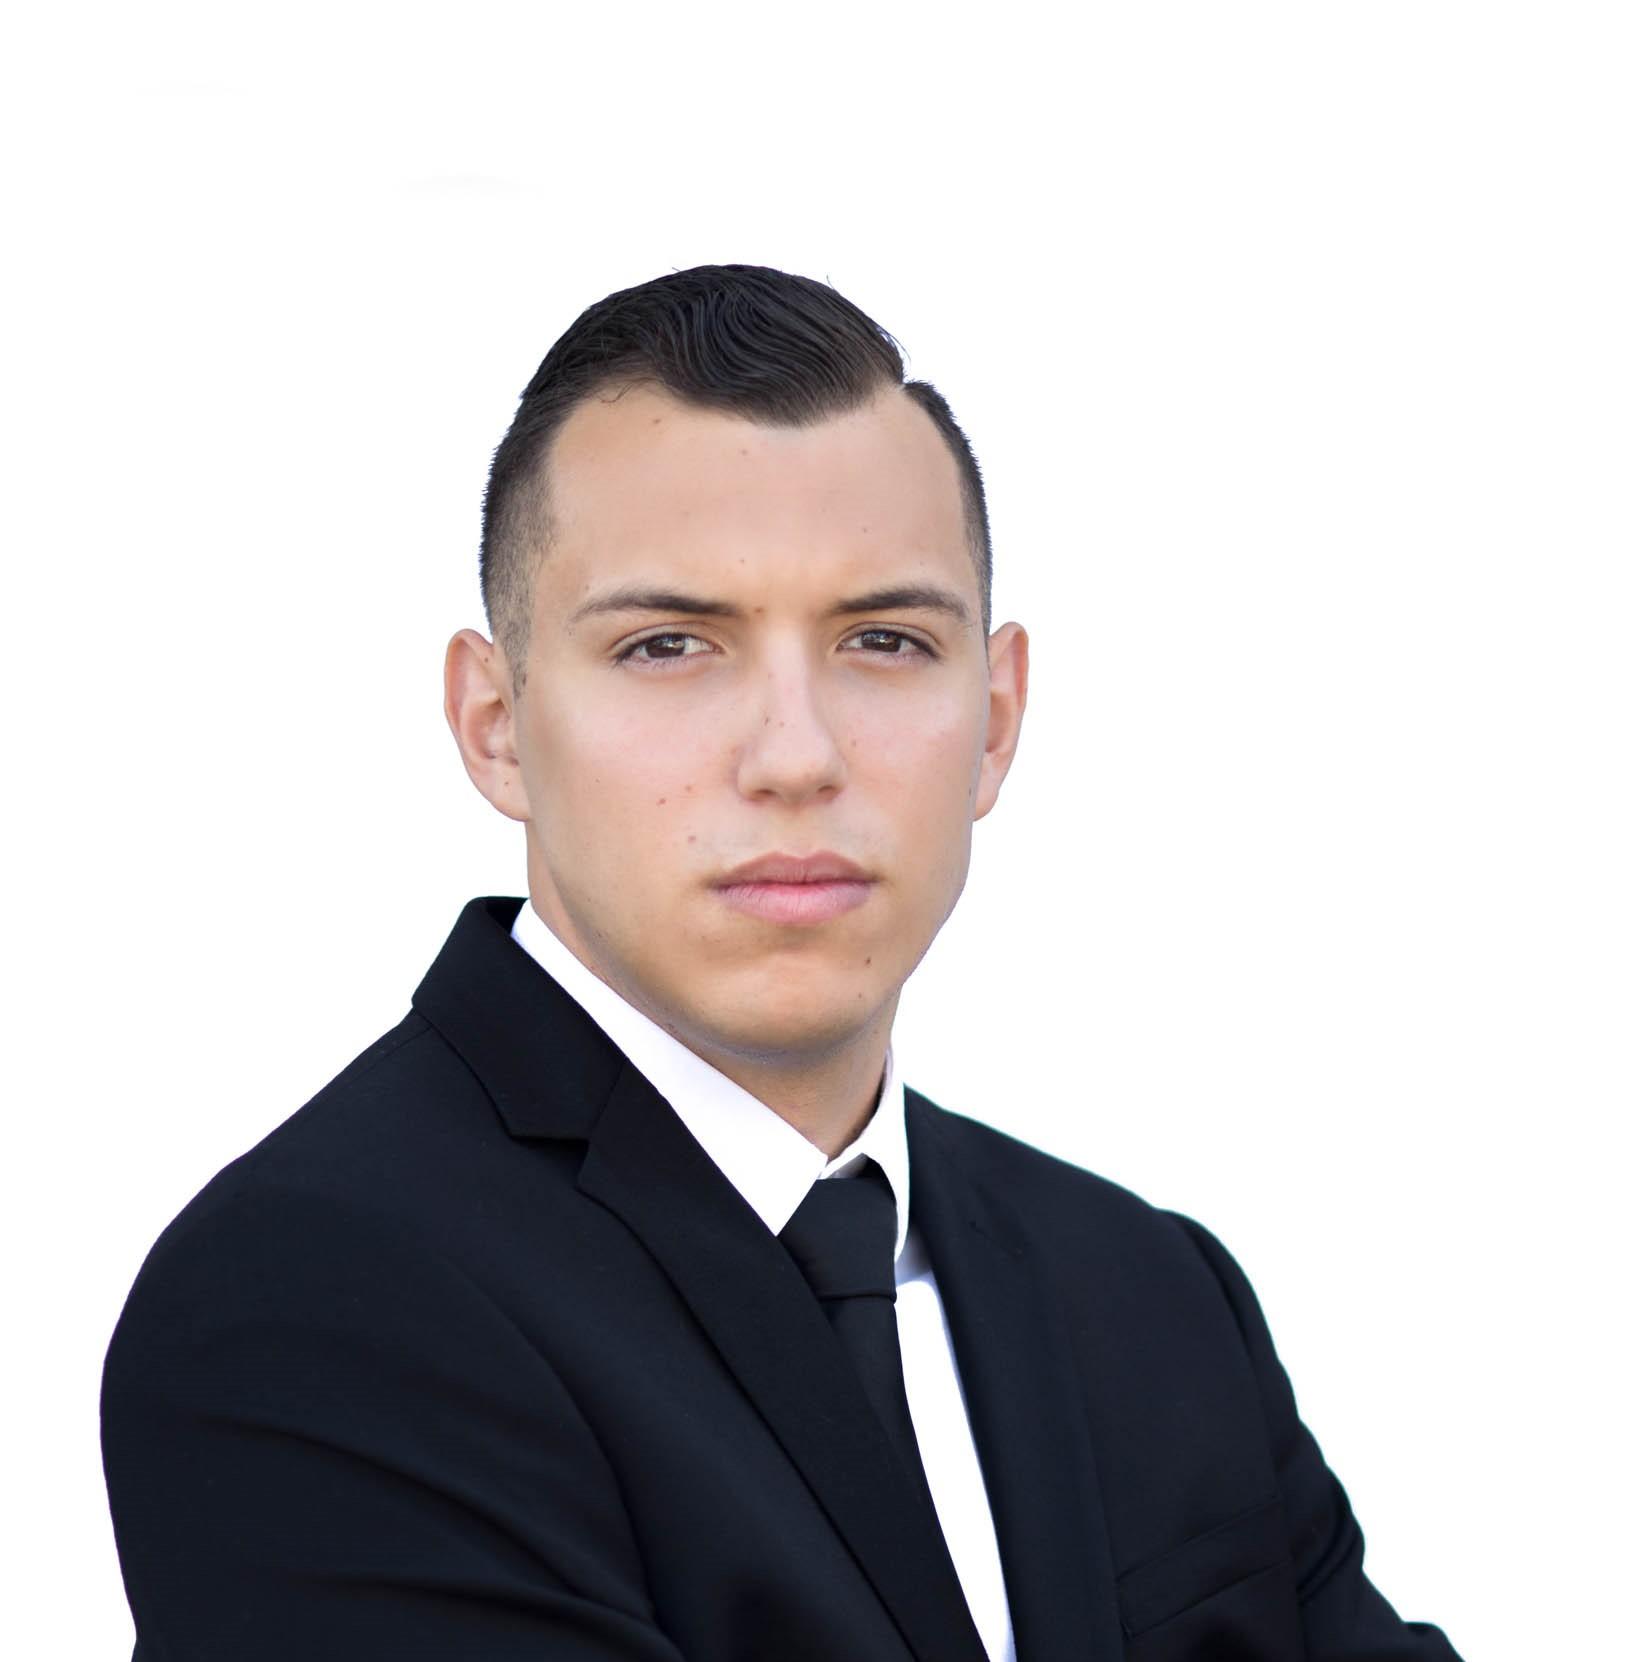 Rigo Zamora